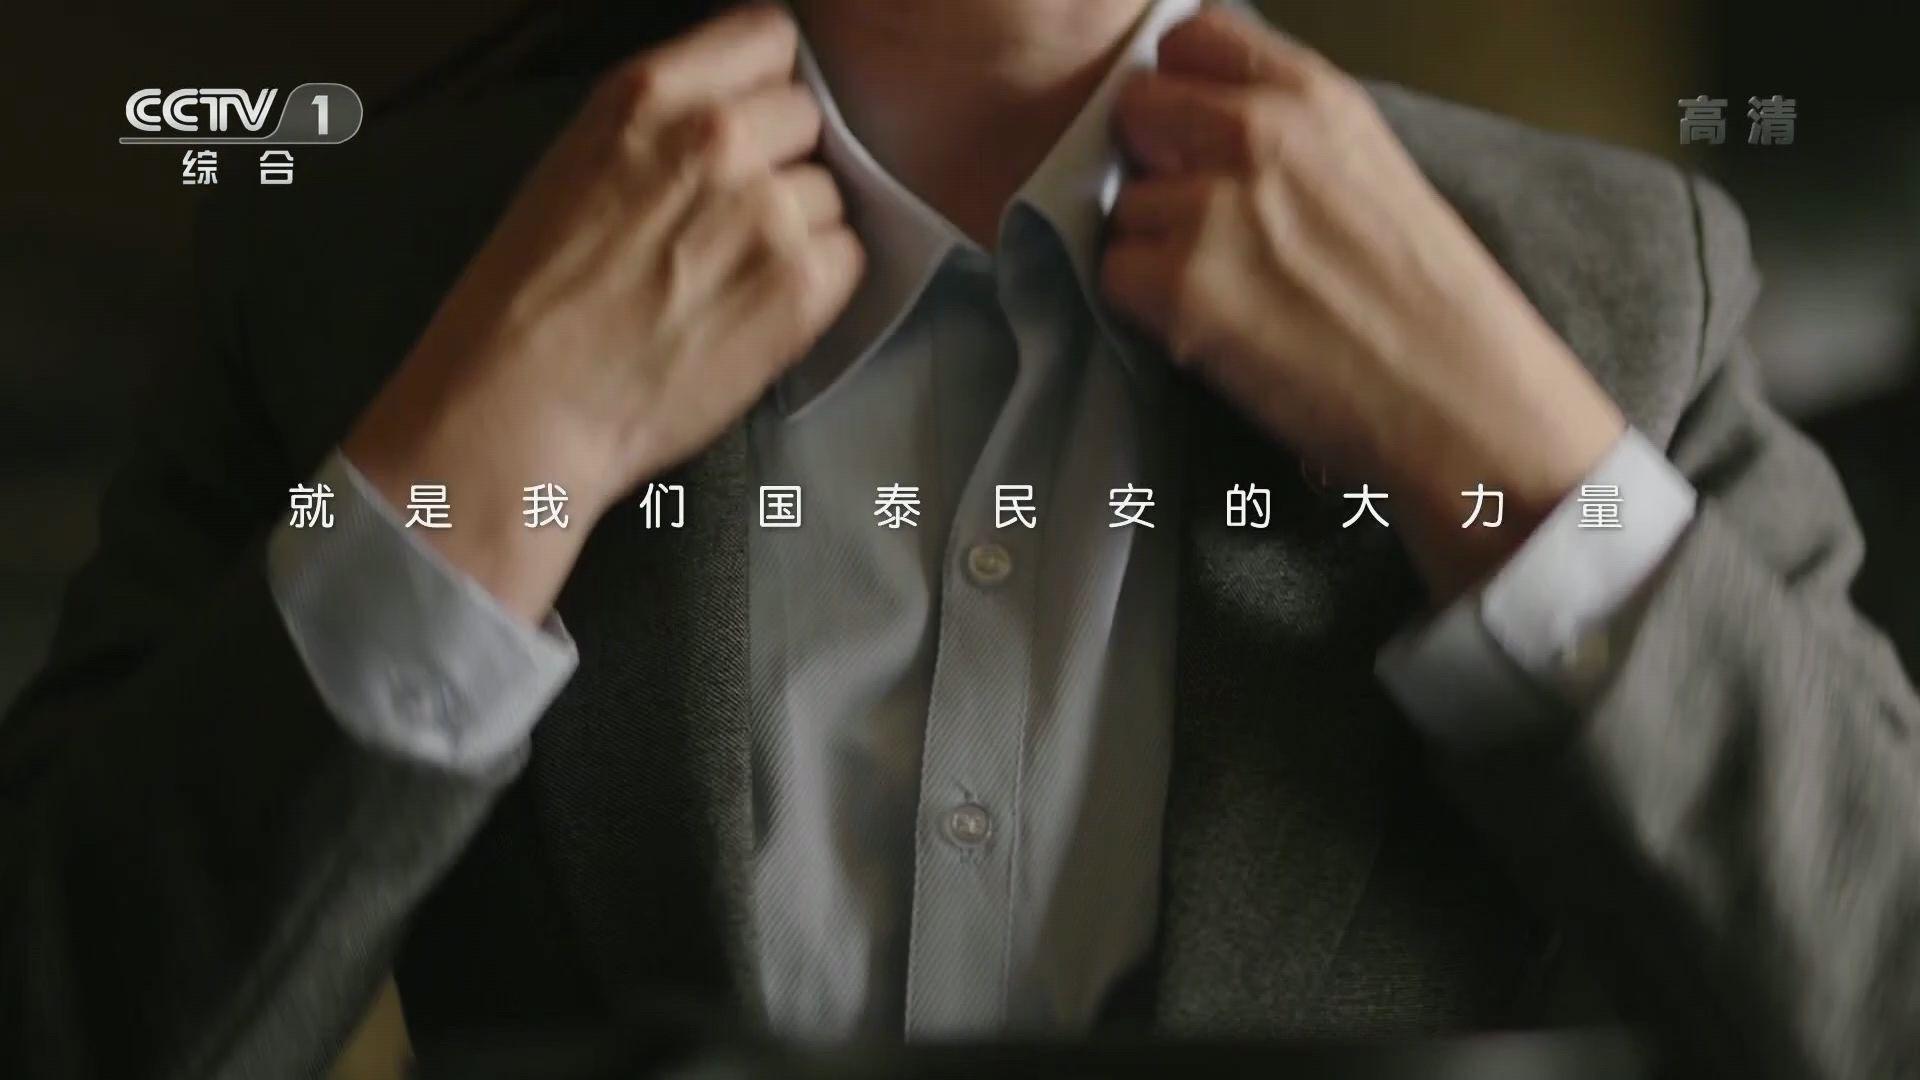 央视广告欣赏-中国平安-3